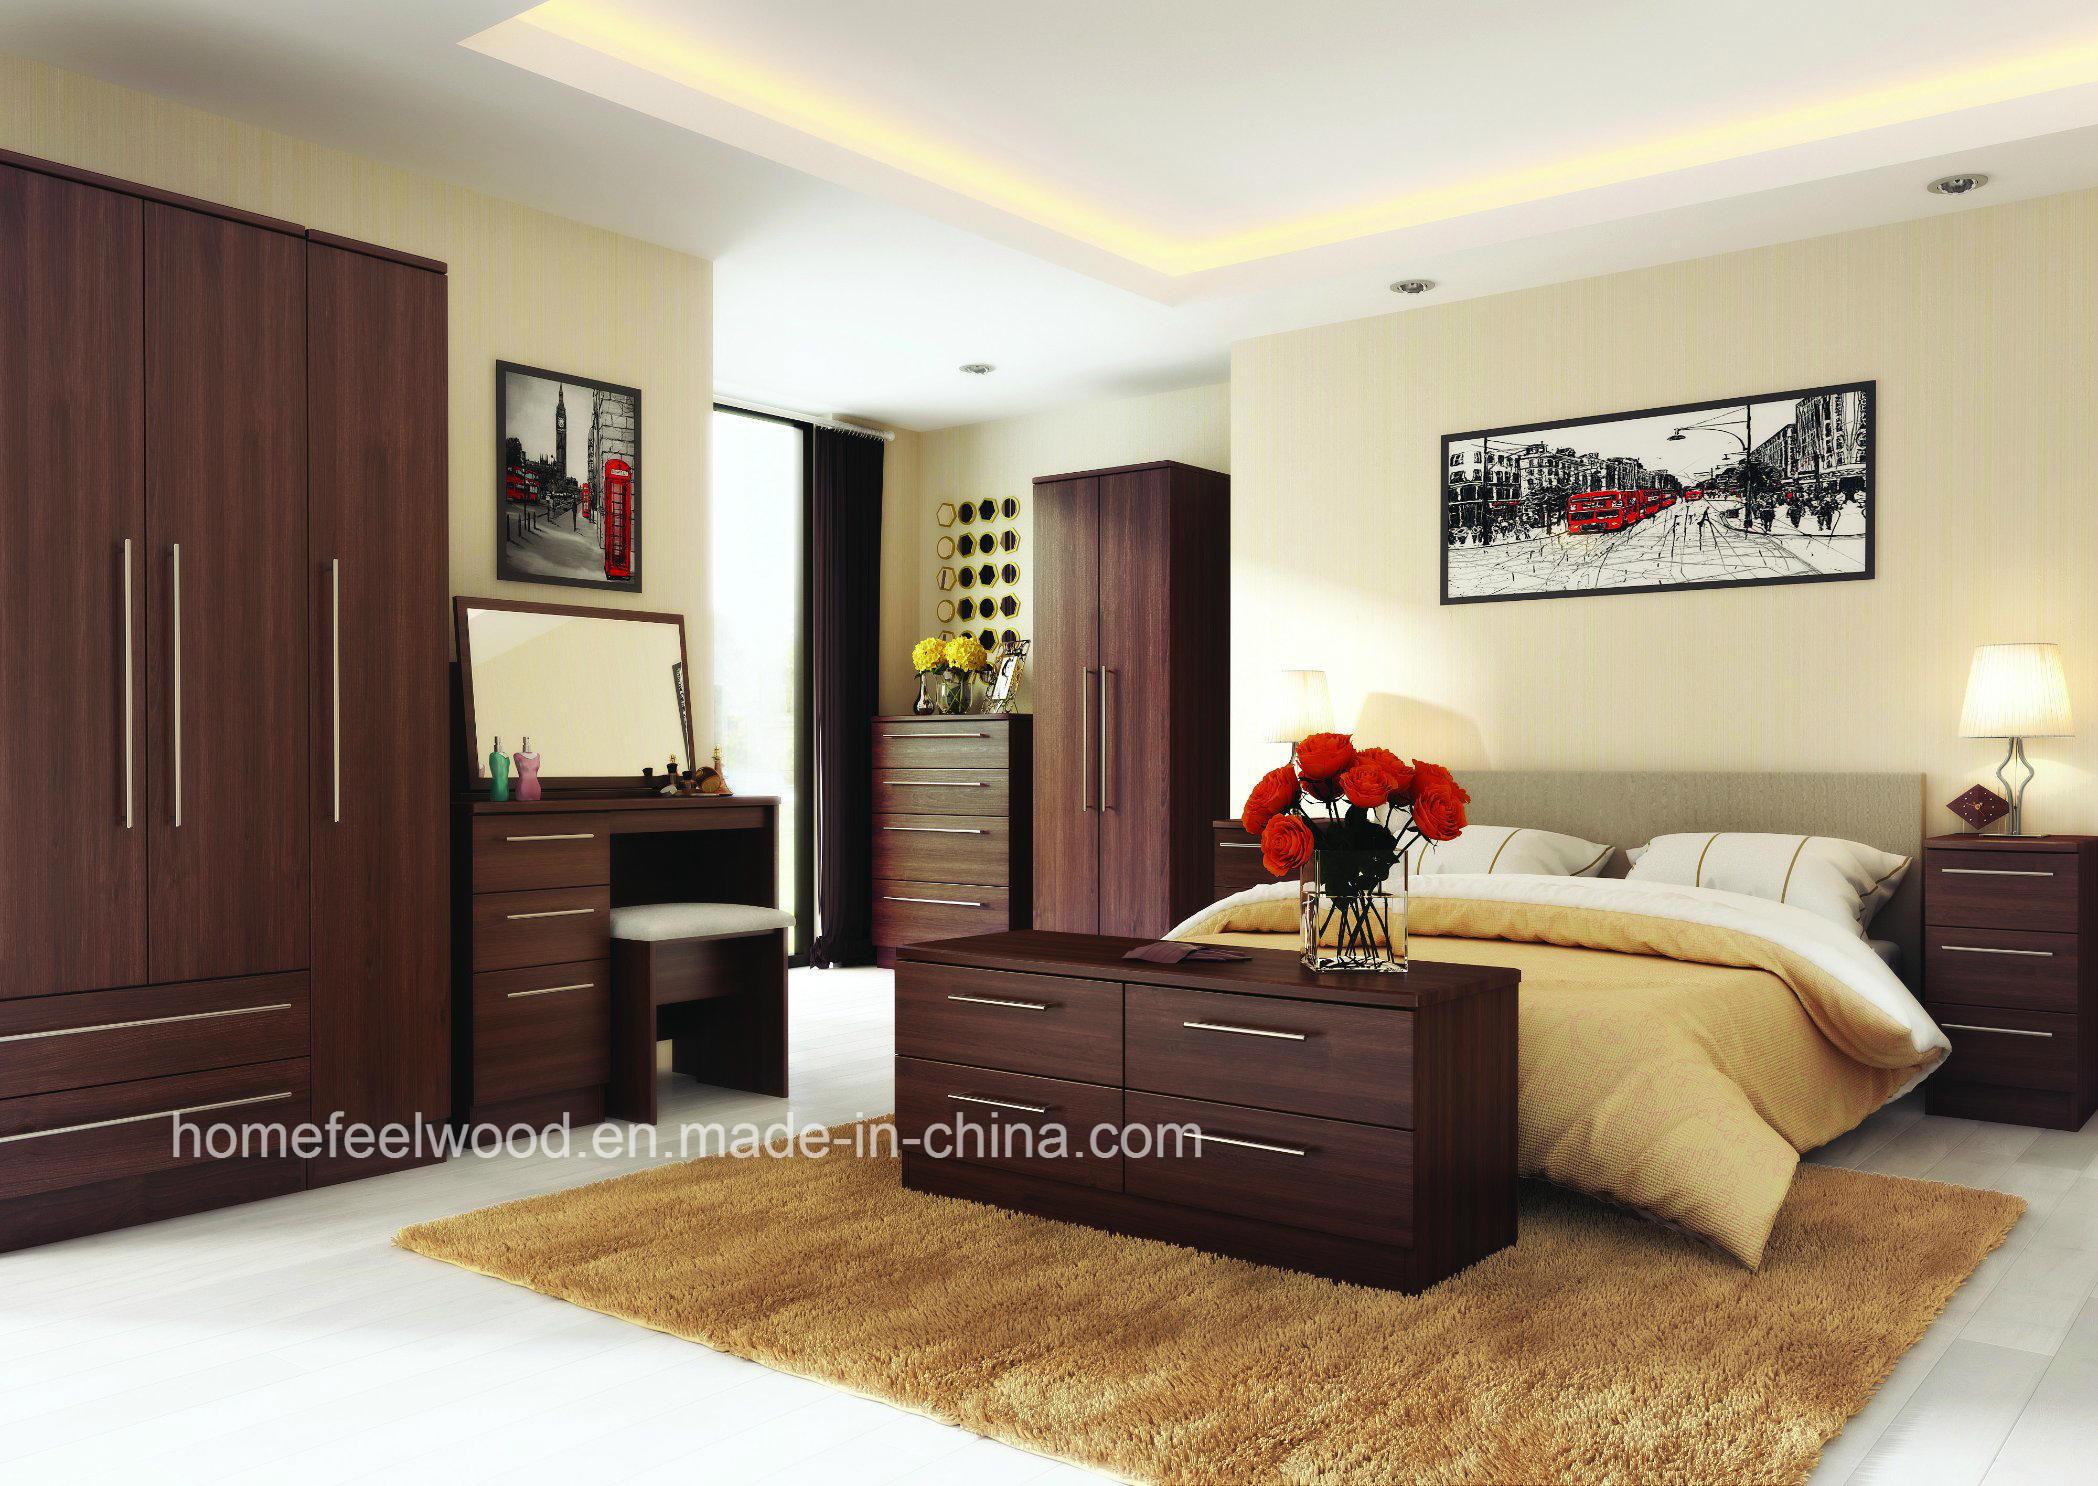 China Factory Direct Modern Design Home Bedroom Furniture Set Hf